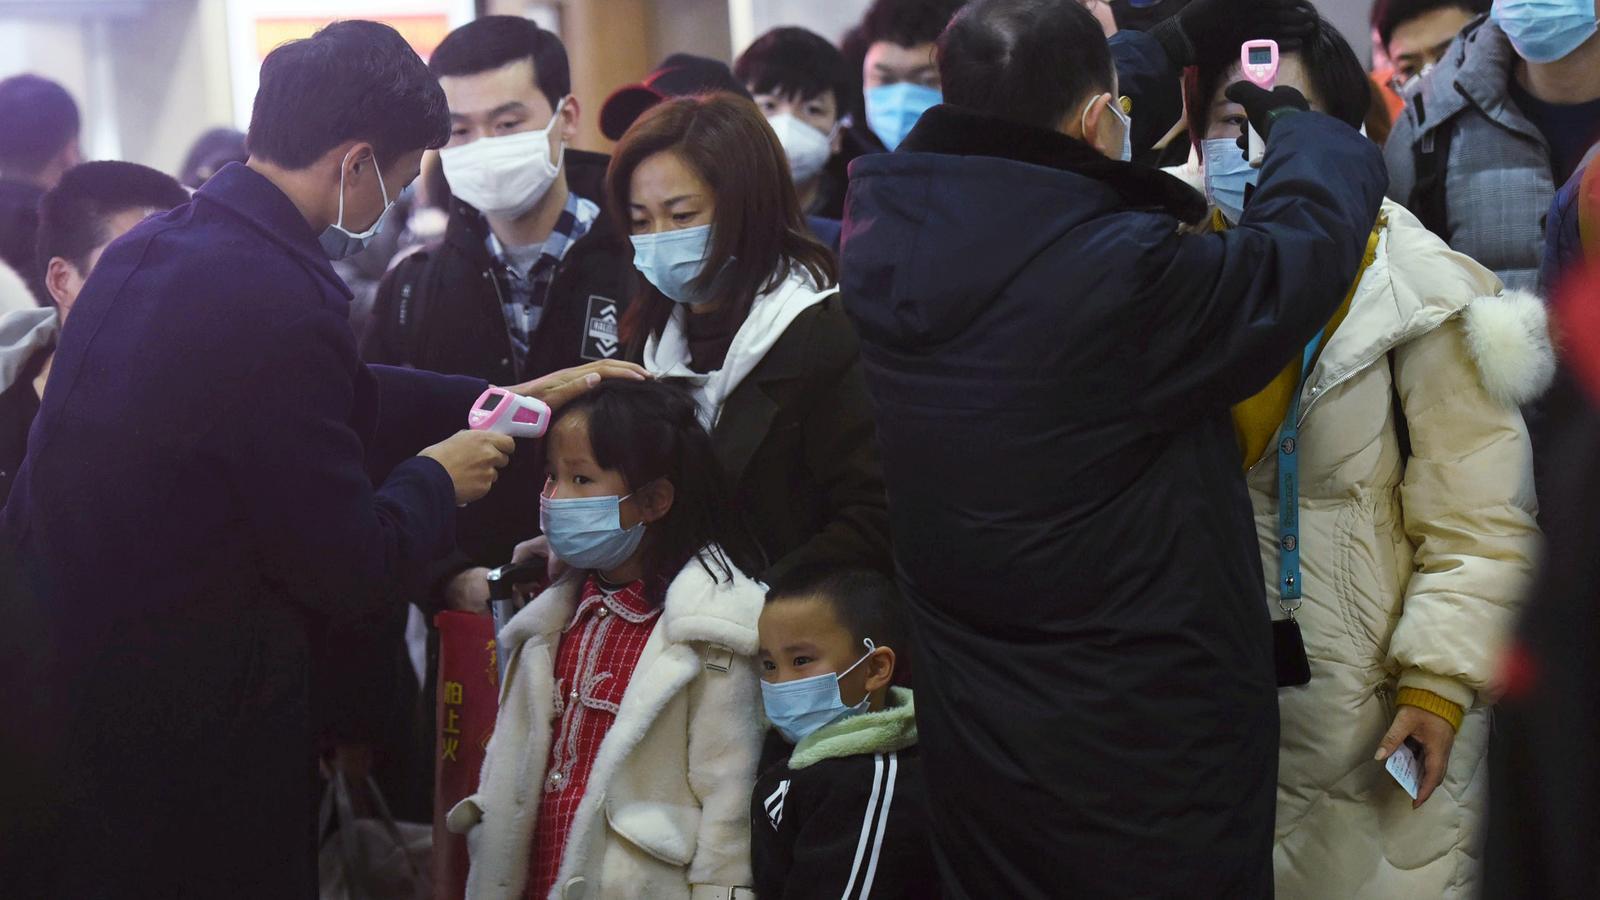 La Xina restringeix els viatges a 10 ciutats i confina 33 milions de persones